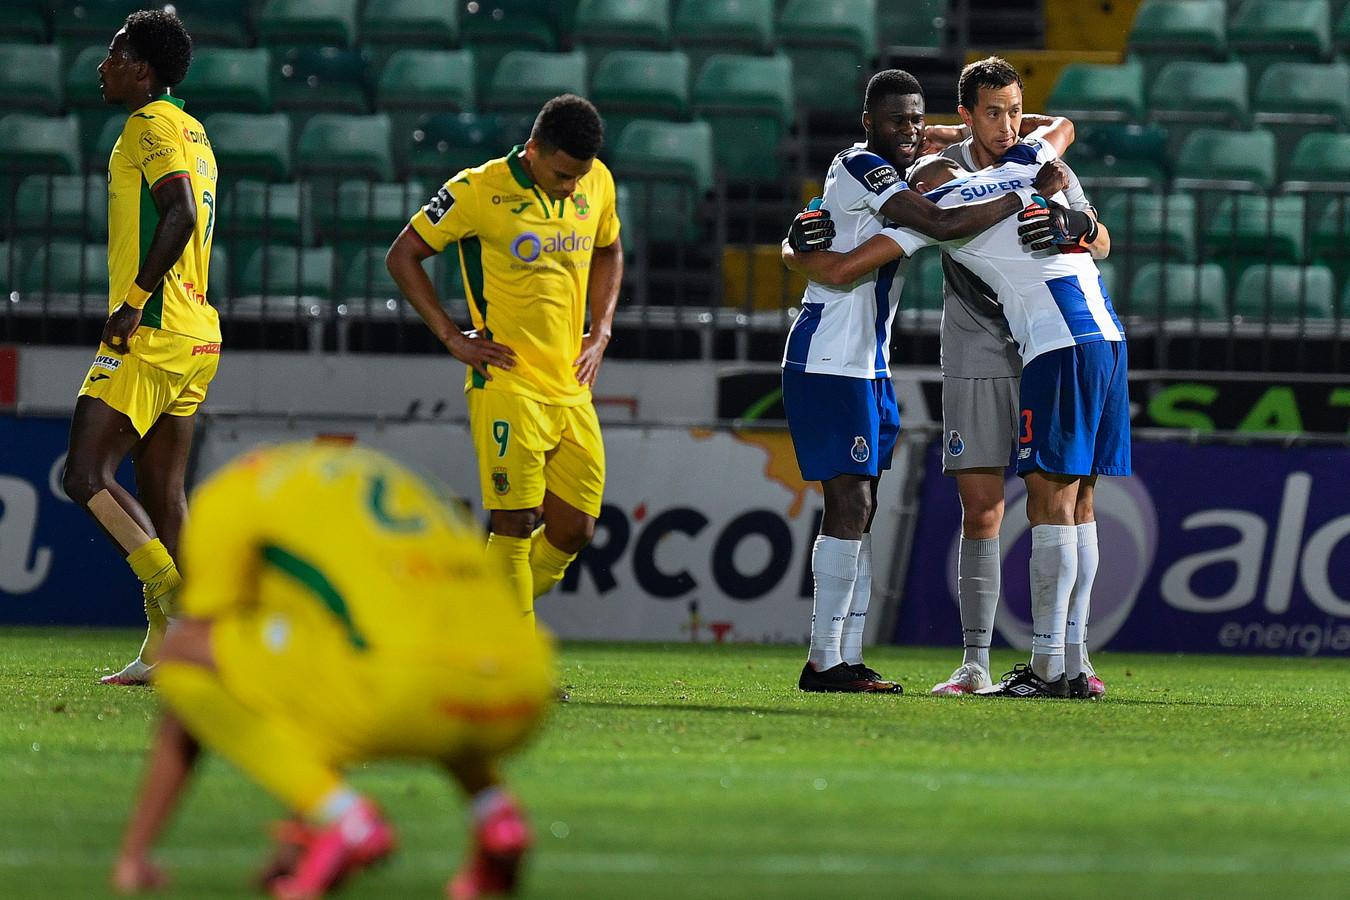 Porto profiteerde bij  Paços de Ferreira optimaal van de uitglijder van Benfica.